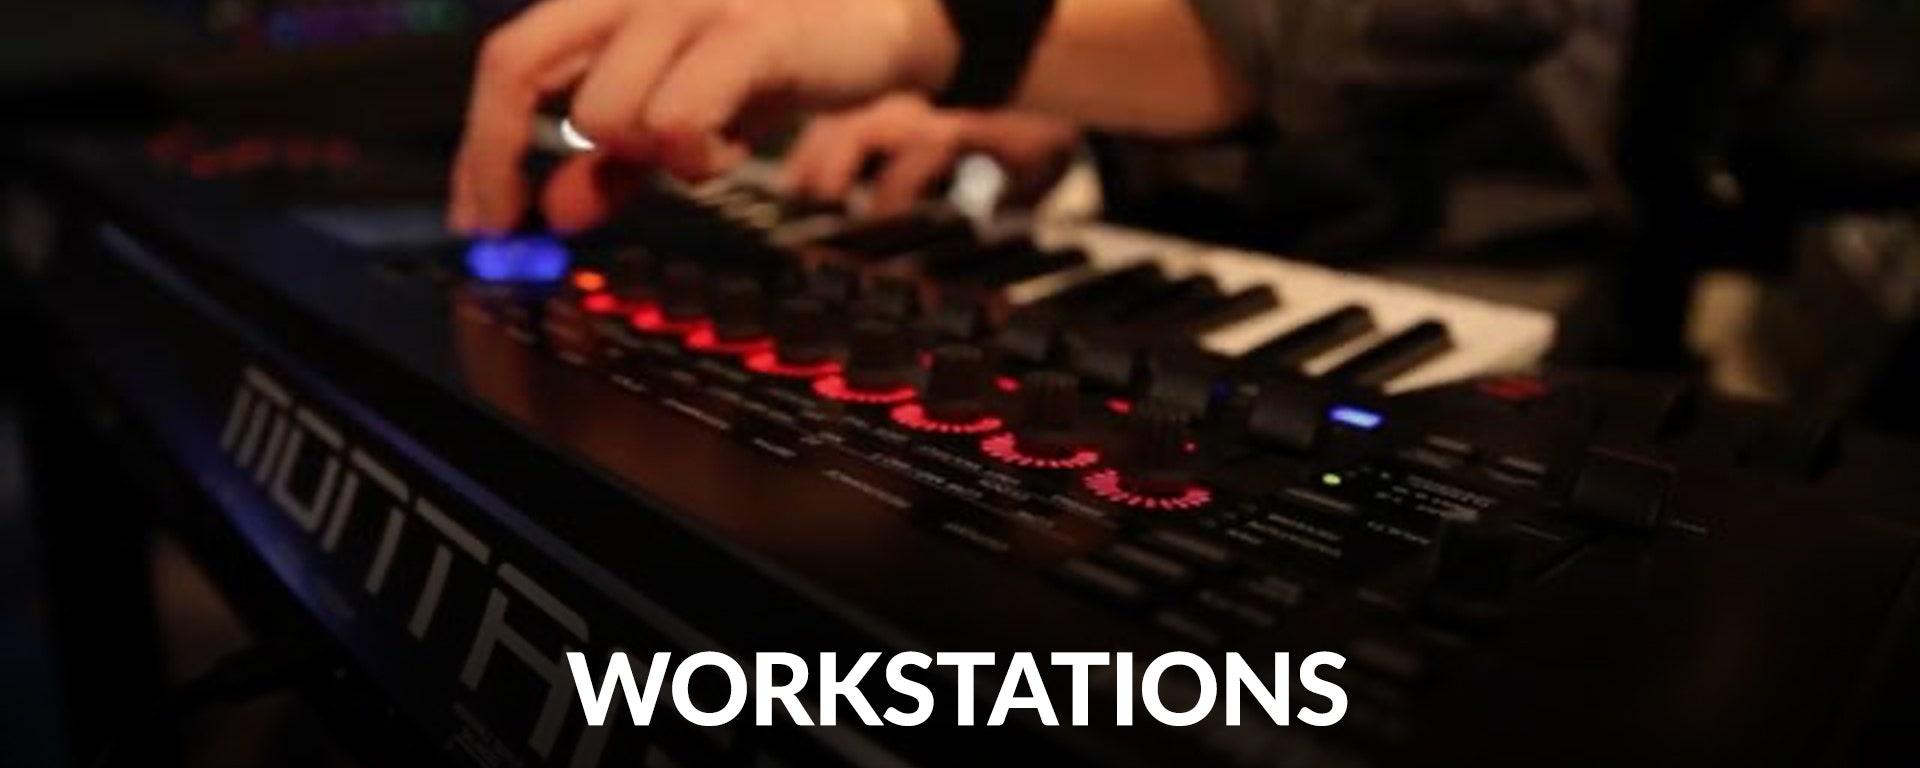 Keyboard Workstations at SamAsh.com